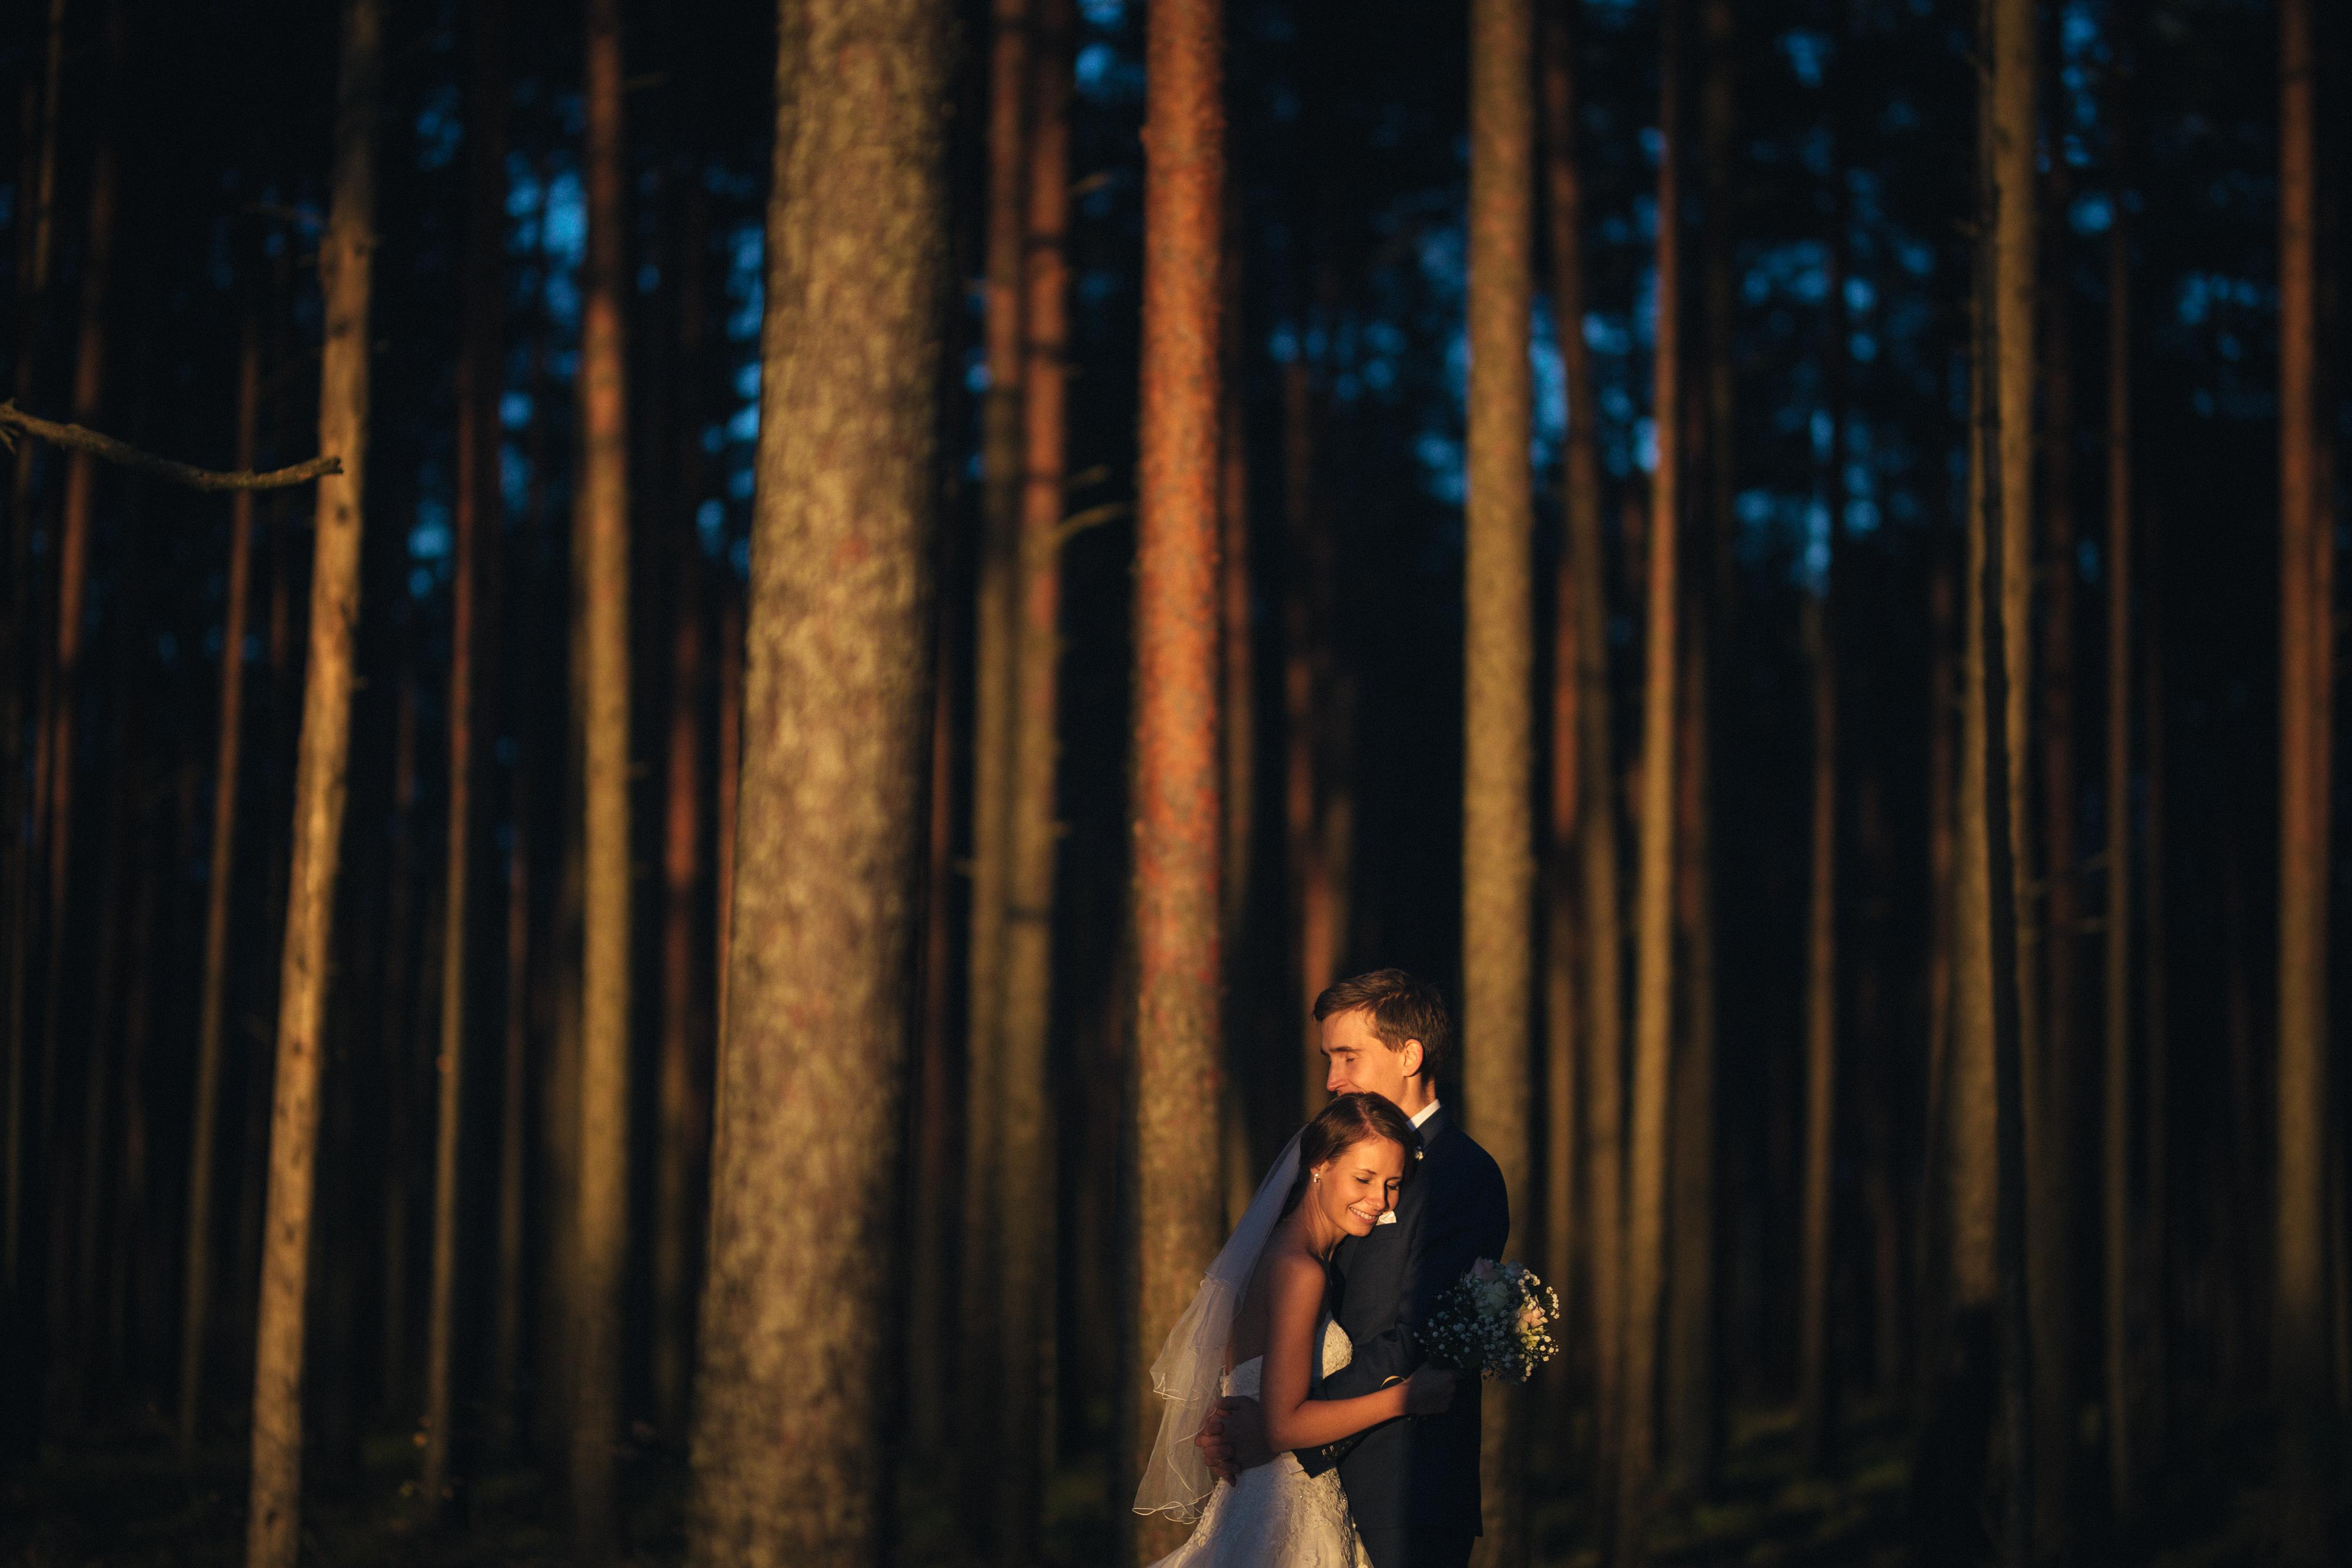 pruutpaari pildistamine looduses